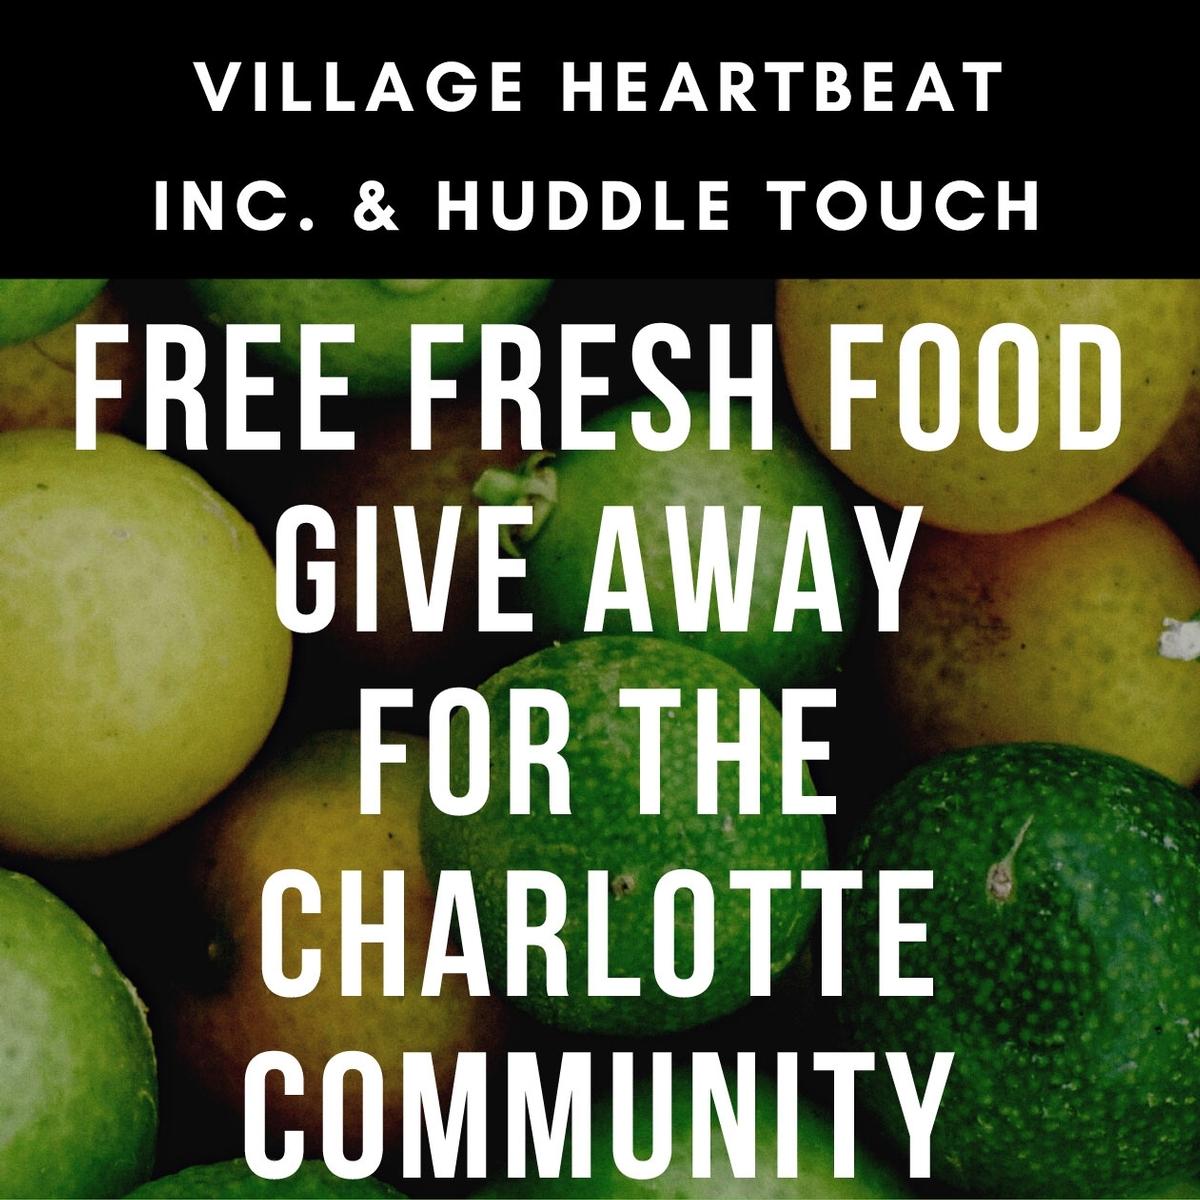 Free Food Giveaway!